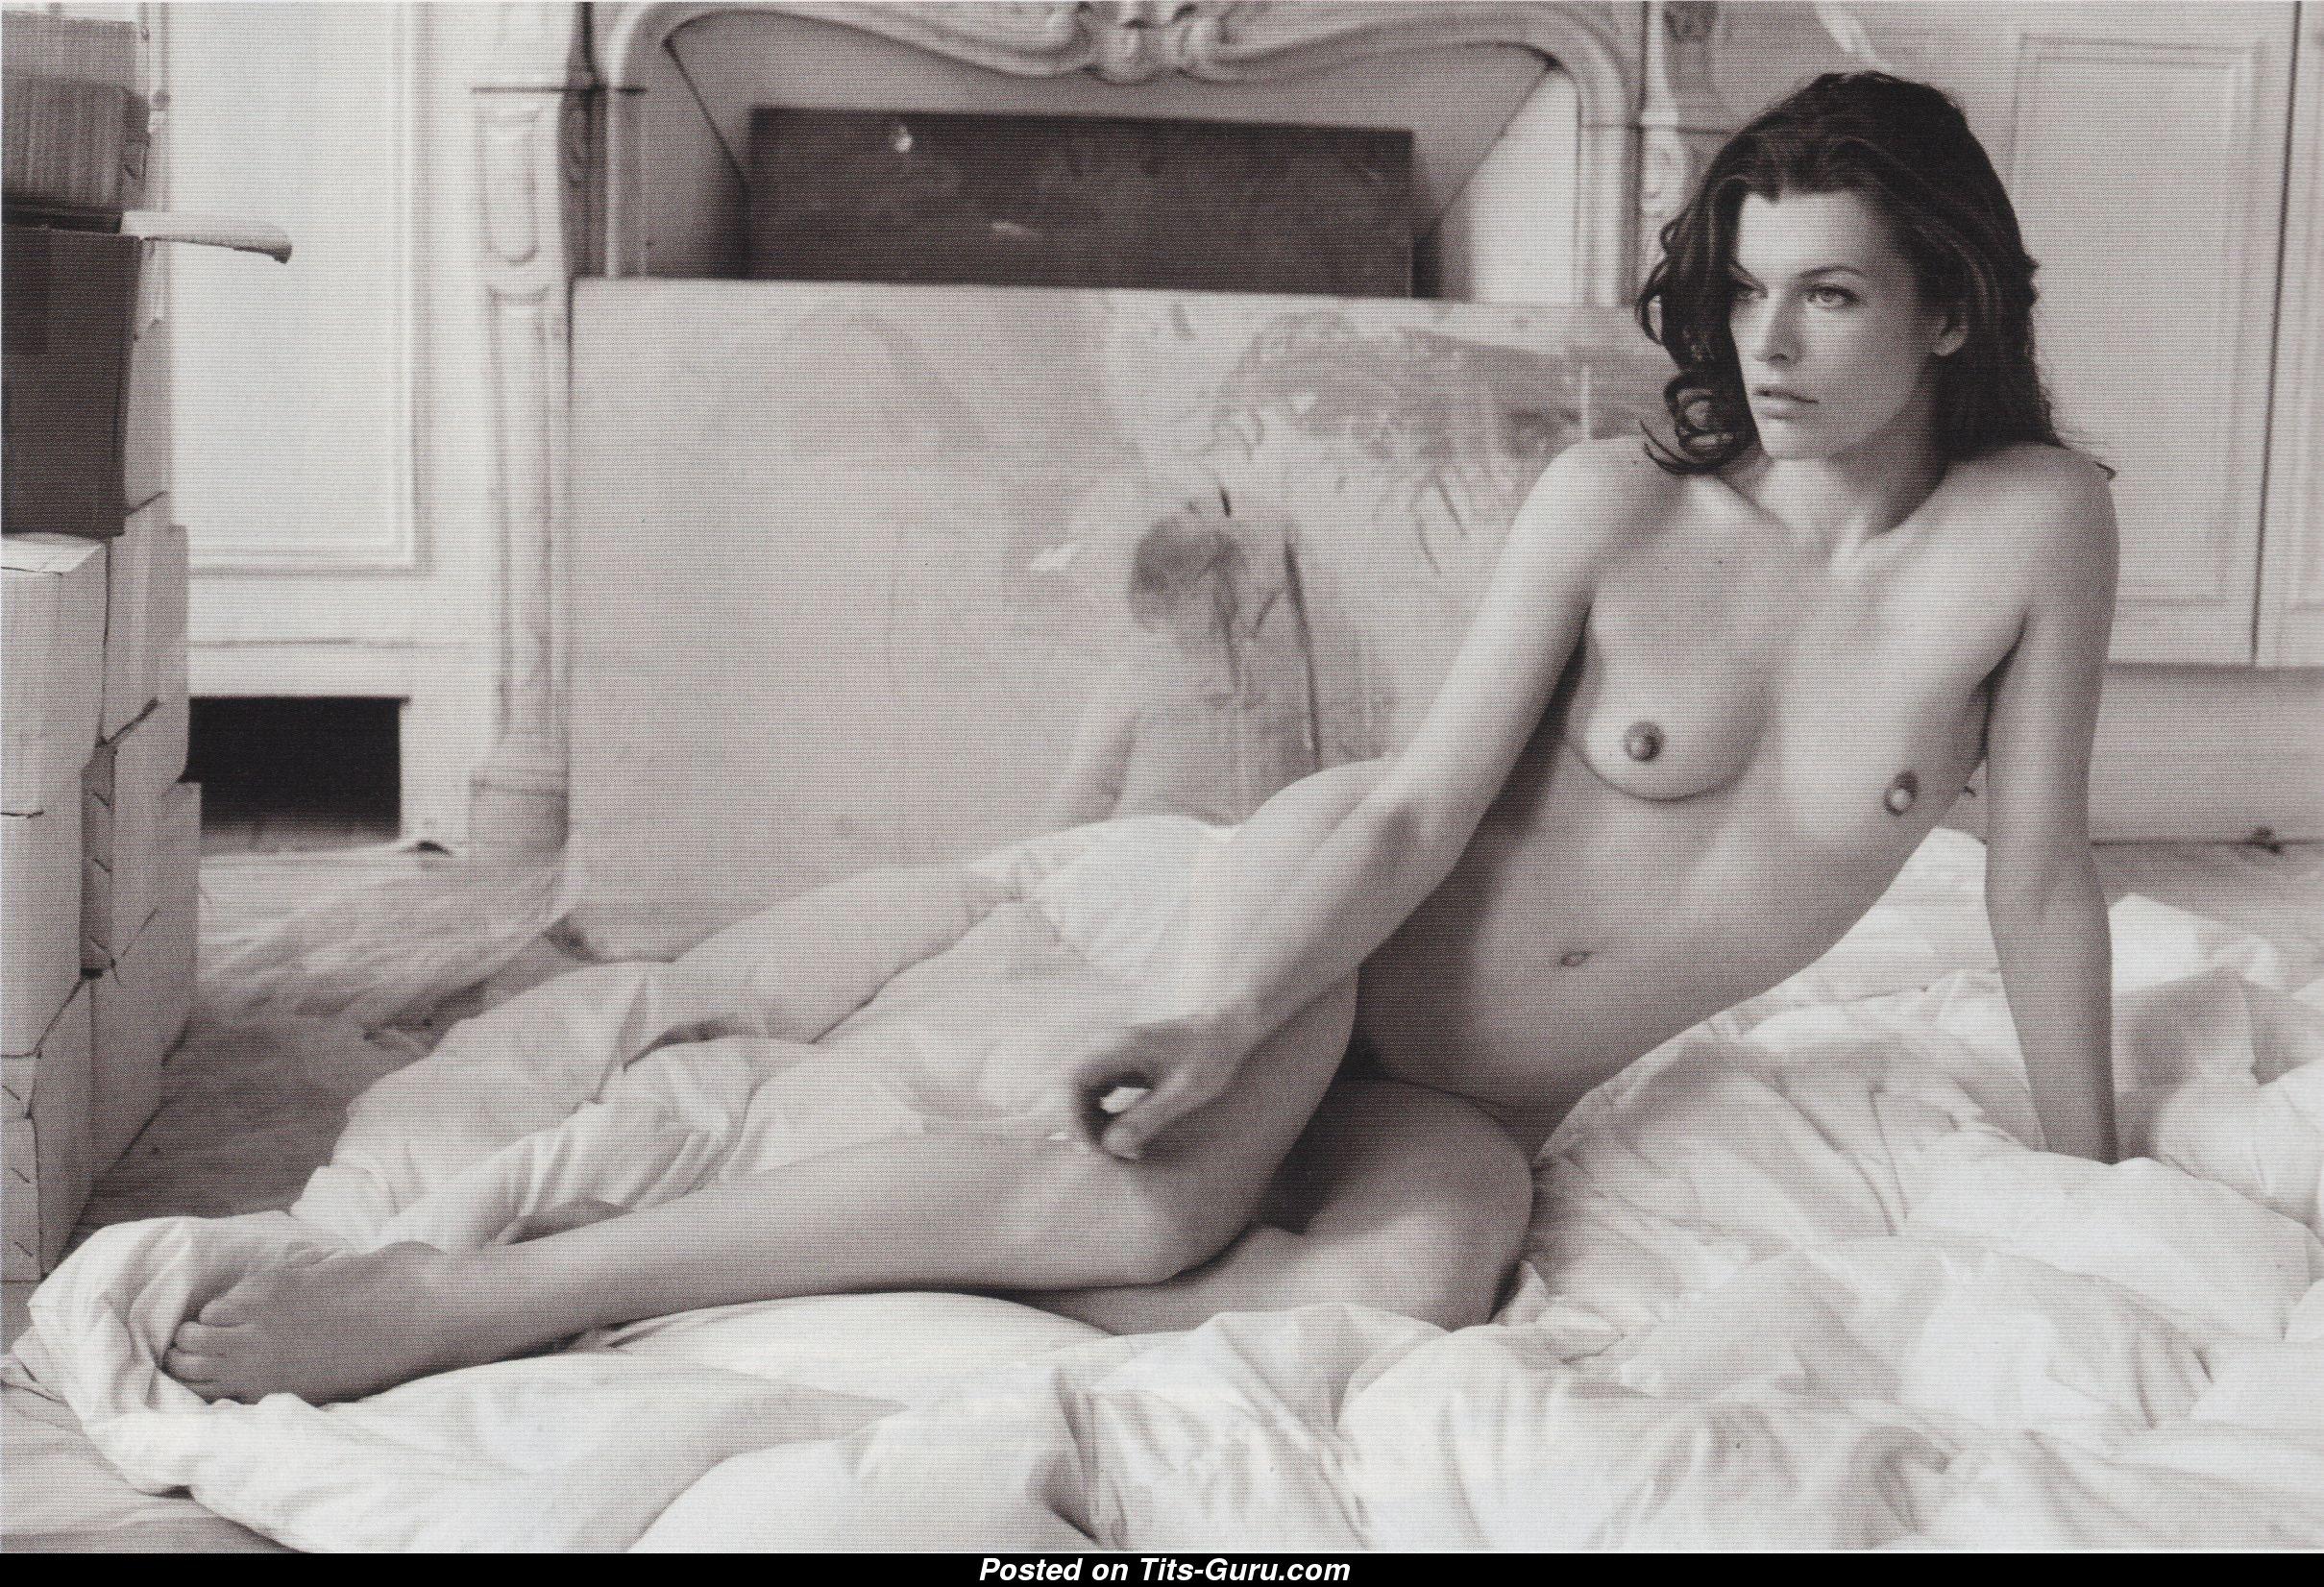 milla jovovich nude hot sex